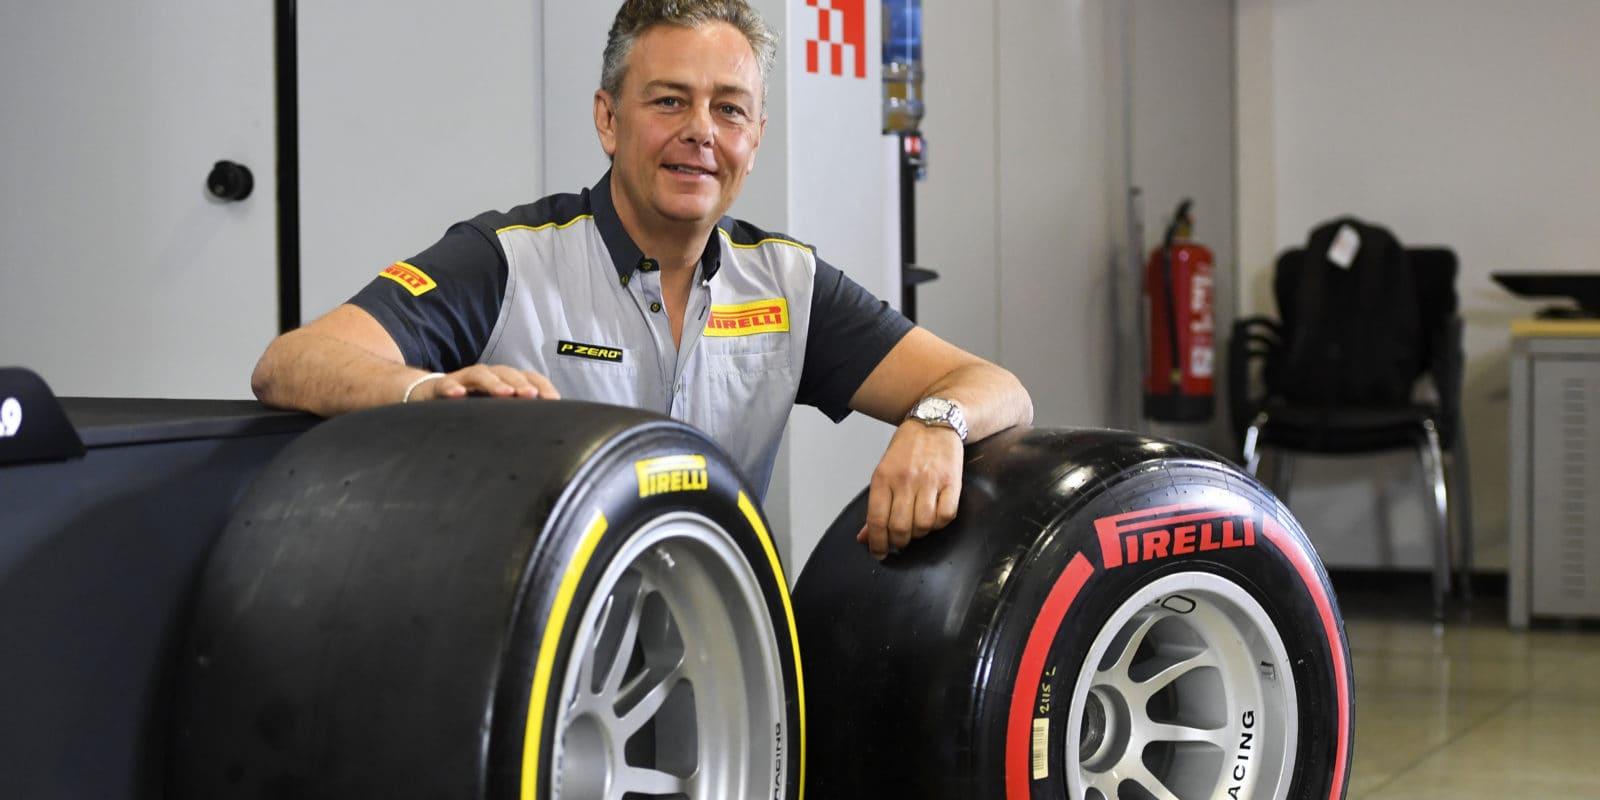 Pirelli: Chlad nepomohl testu pneumatik pro rok 2020